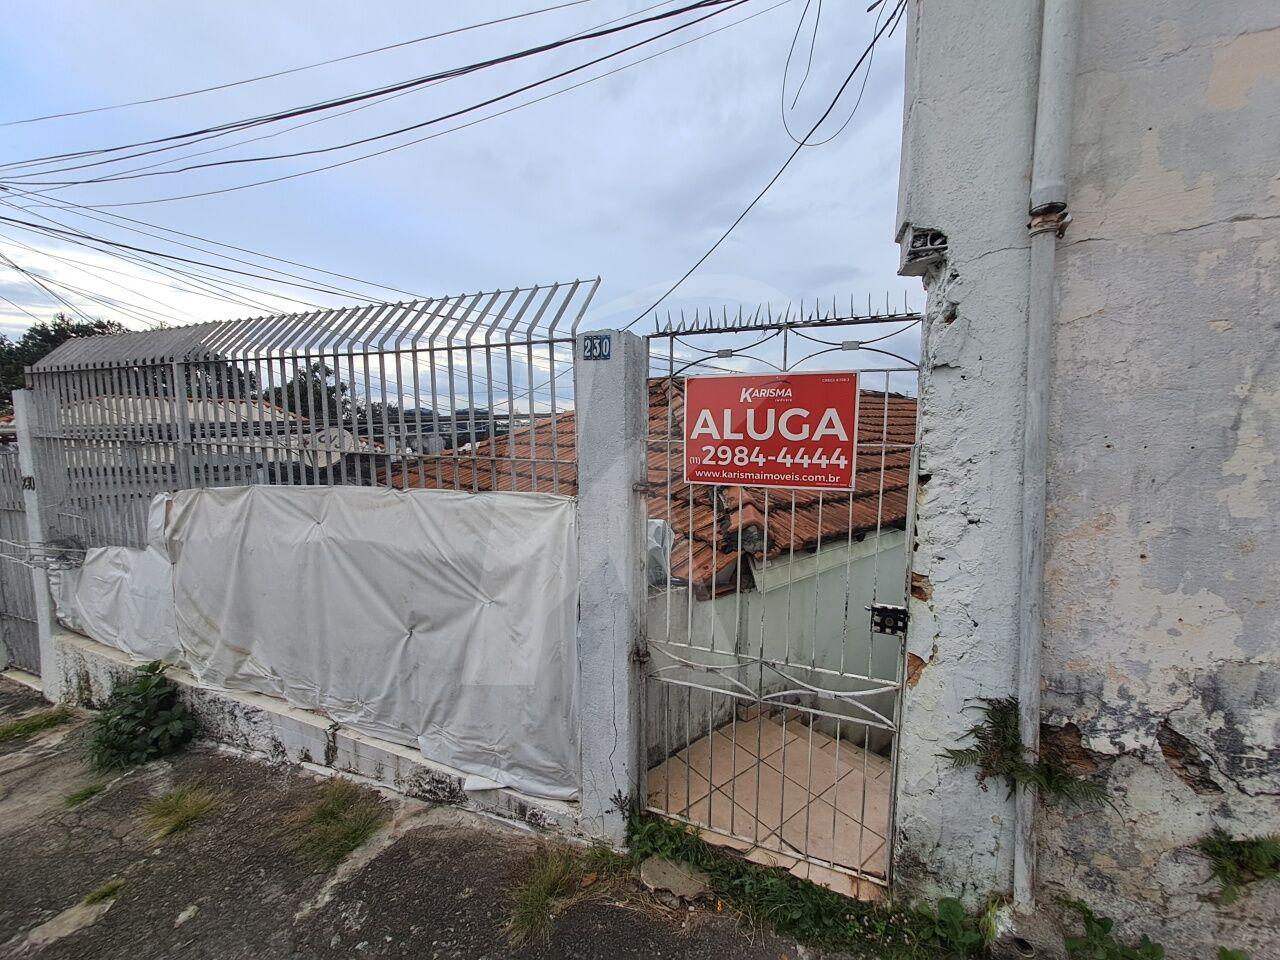 Alugar - Casa  - Tucuruvi - 1 dormitórios.